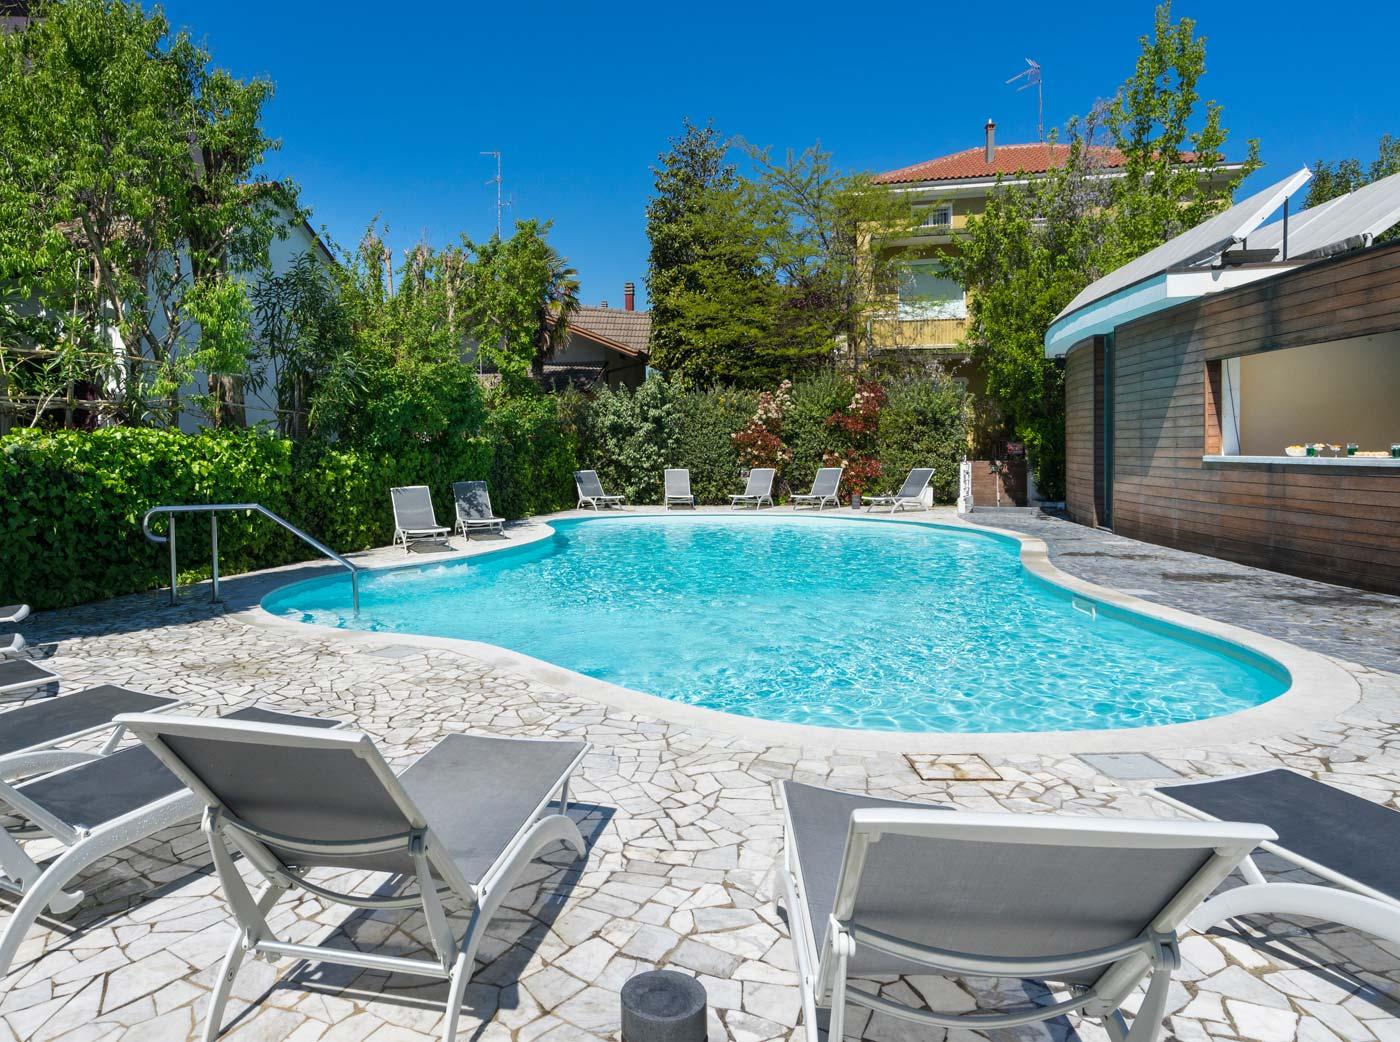 Piscina e wellness hotel buonafortuna 3 stelle bellaria - Hotel con piscina bellaria ...